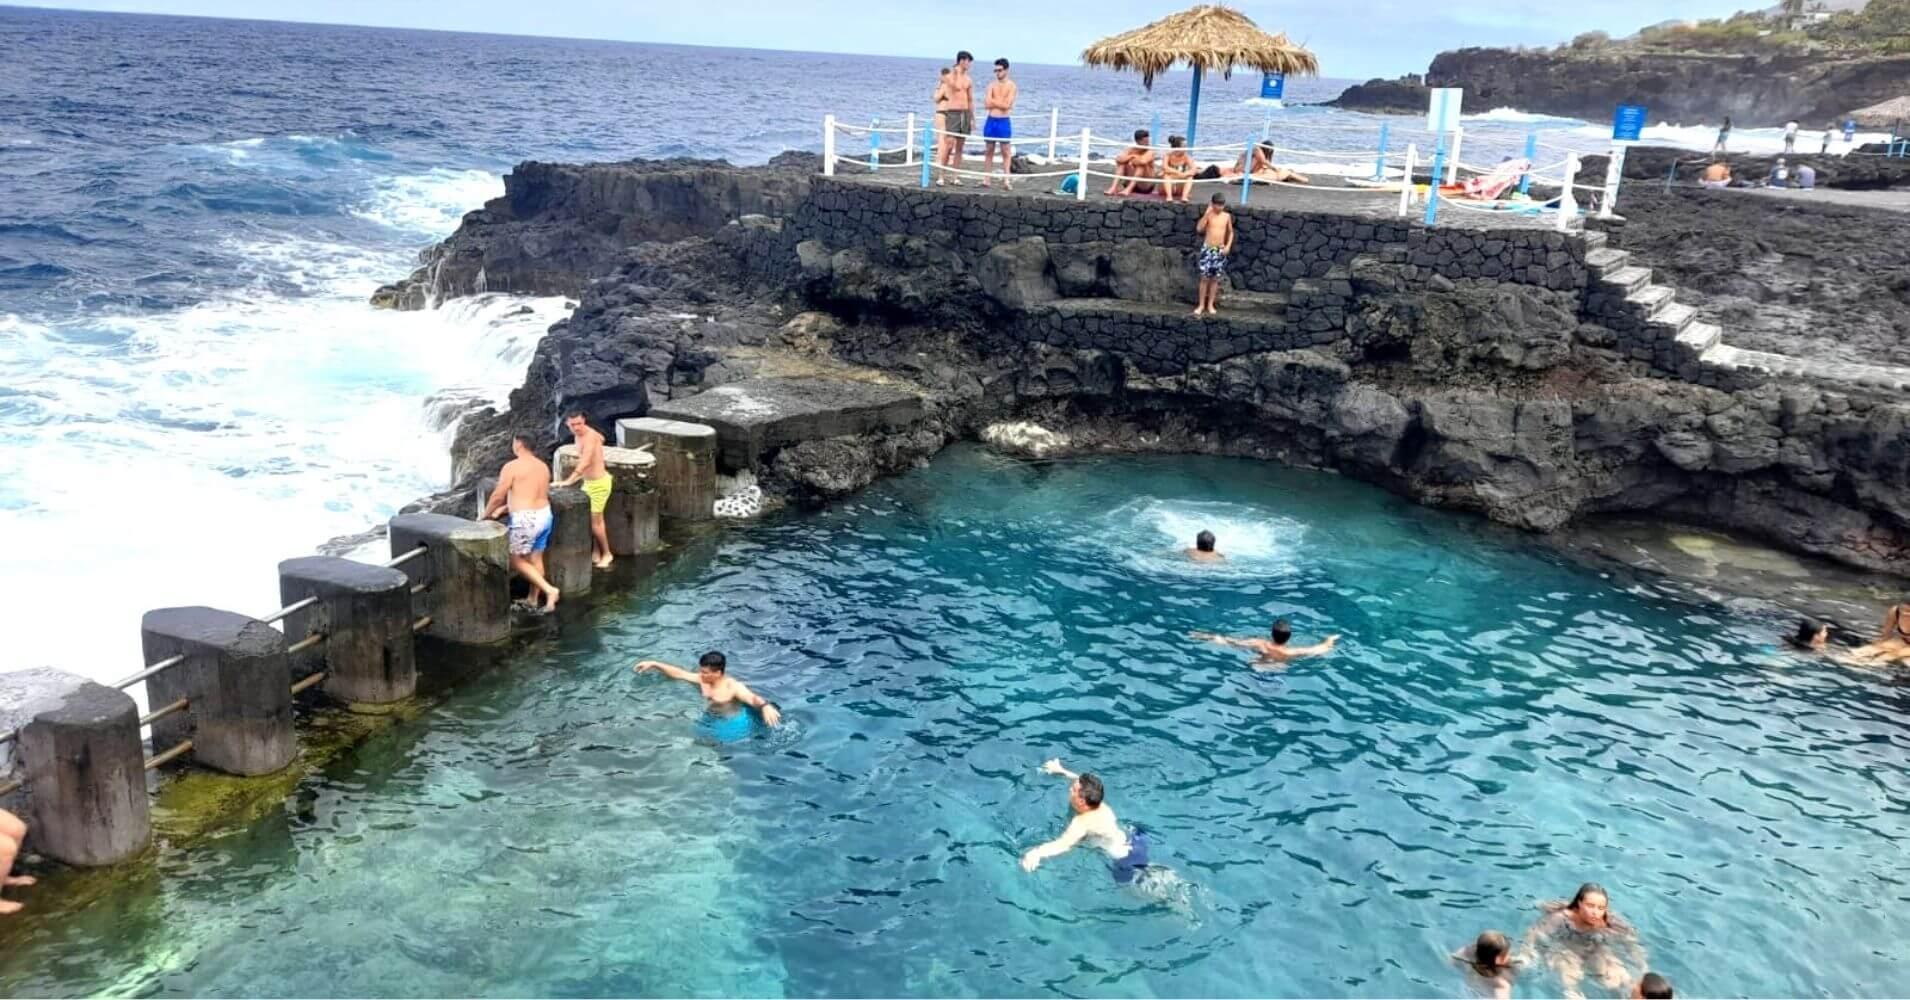 Piscinas Naturales del Charco Azul. La Palma. Islas Canarias.